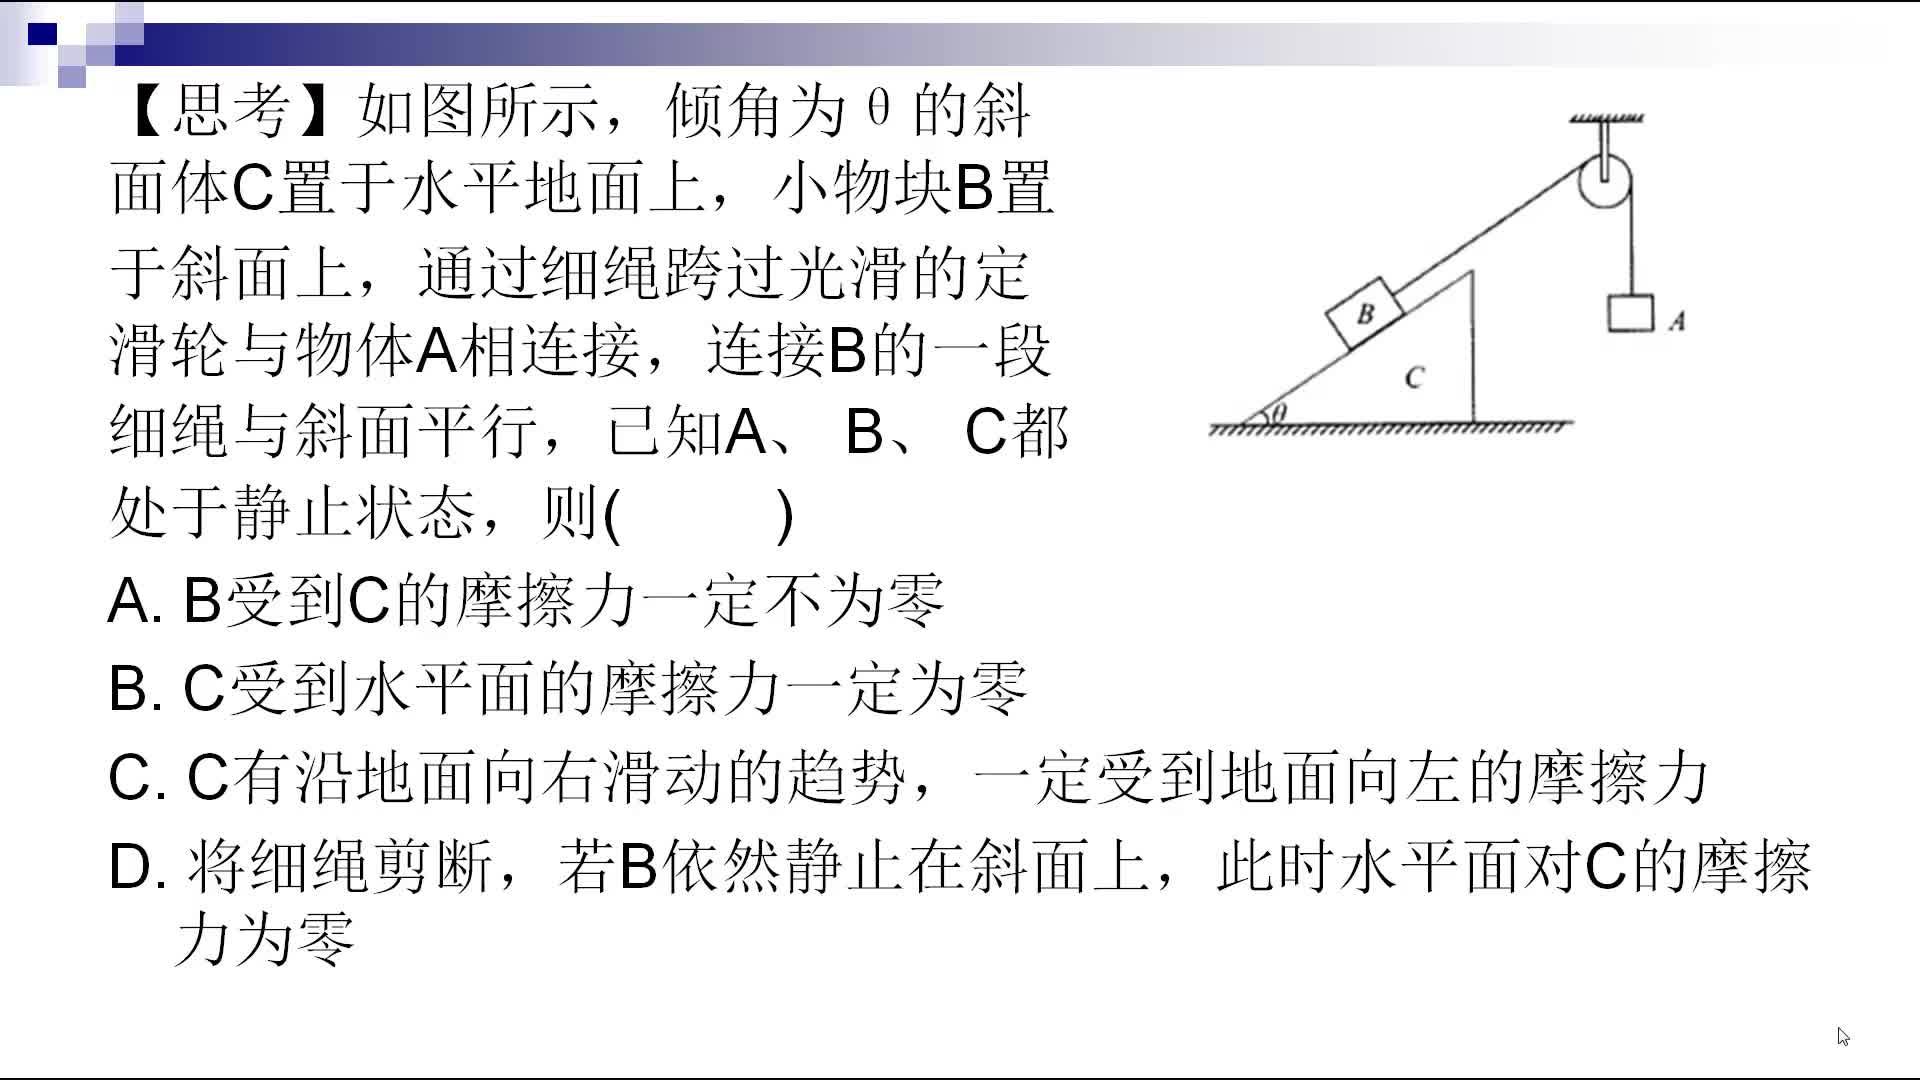 人教版 高一物理 必修一 4.6用牛顿运动定律解决问题-斜面与地面间的摩擦力(相互作用难点辨析)